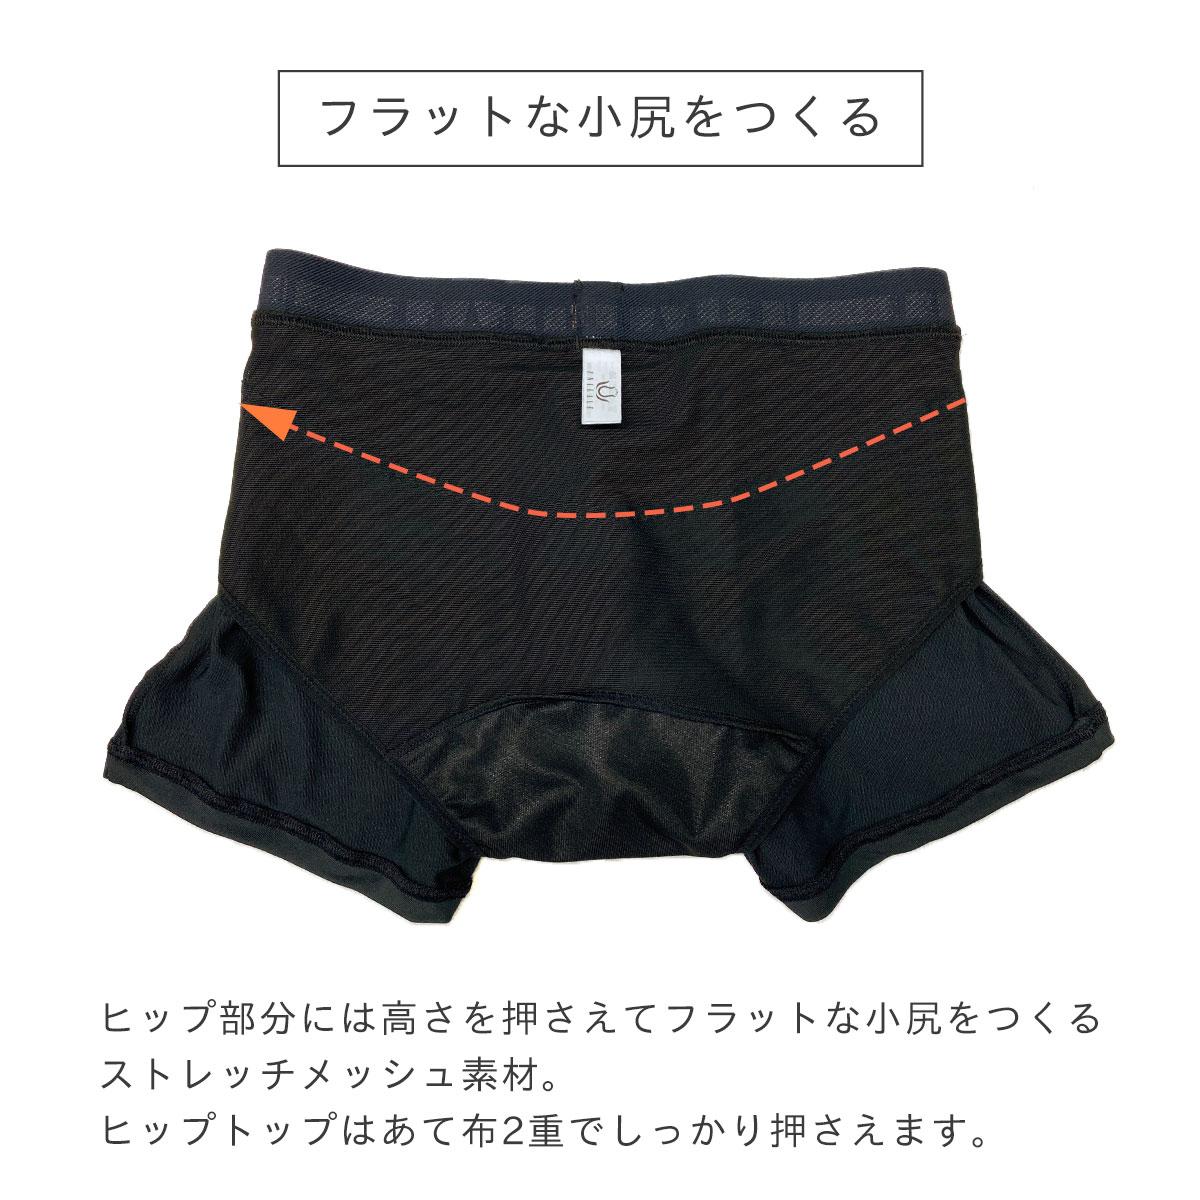 【ユニラーレ】 補正ボクサーパンツ | #UNILALE #日本製  #パンツ #補正インナー #ショーツ #麻倉ケイト